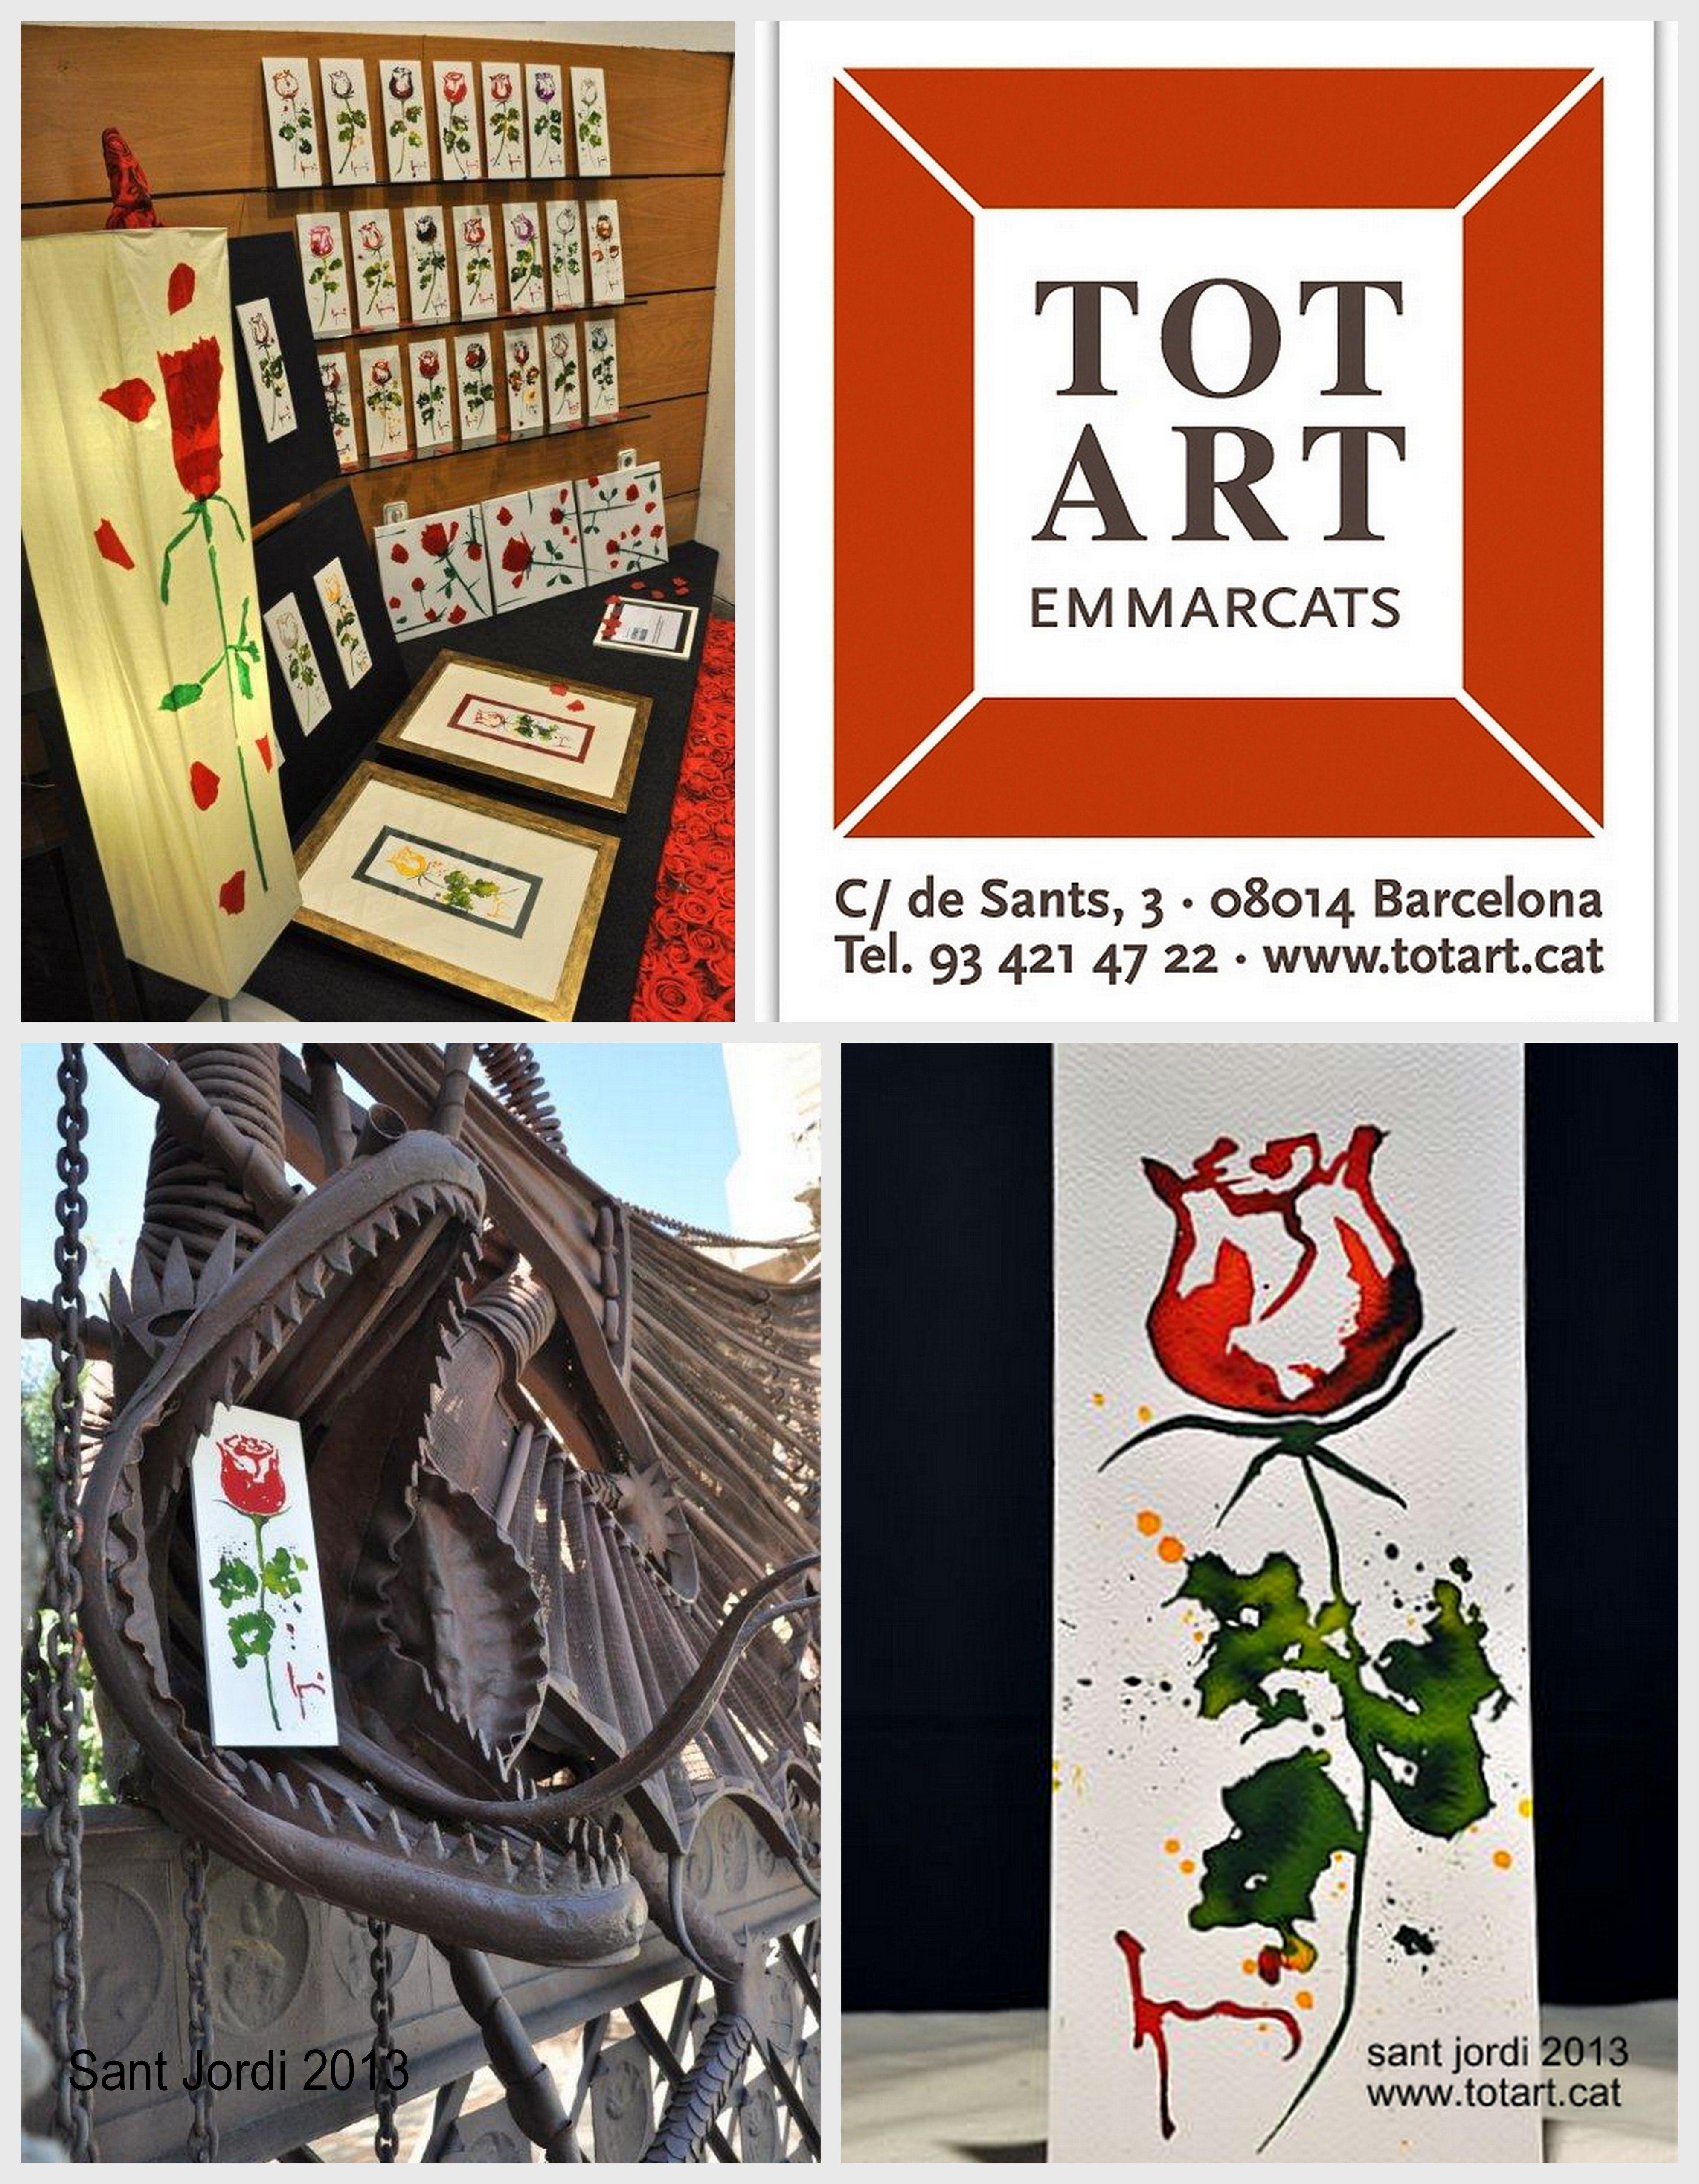 """Escaparate TOTART Barcelona. Dia de """"Sant Jordi"""" 2013. Acuarelas originales con el  Dragón de hierro Puerta Palacio Güell Barcelona. www.totart.cat.........#marcos #cuadro #moderno #originals #cute #ideas  #frames #barcelona #tiendas #picture"""